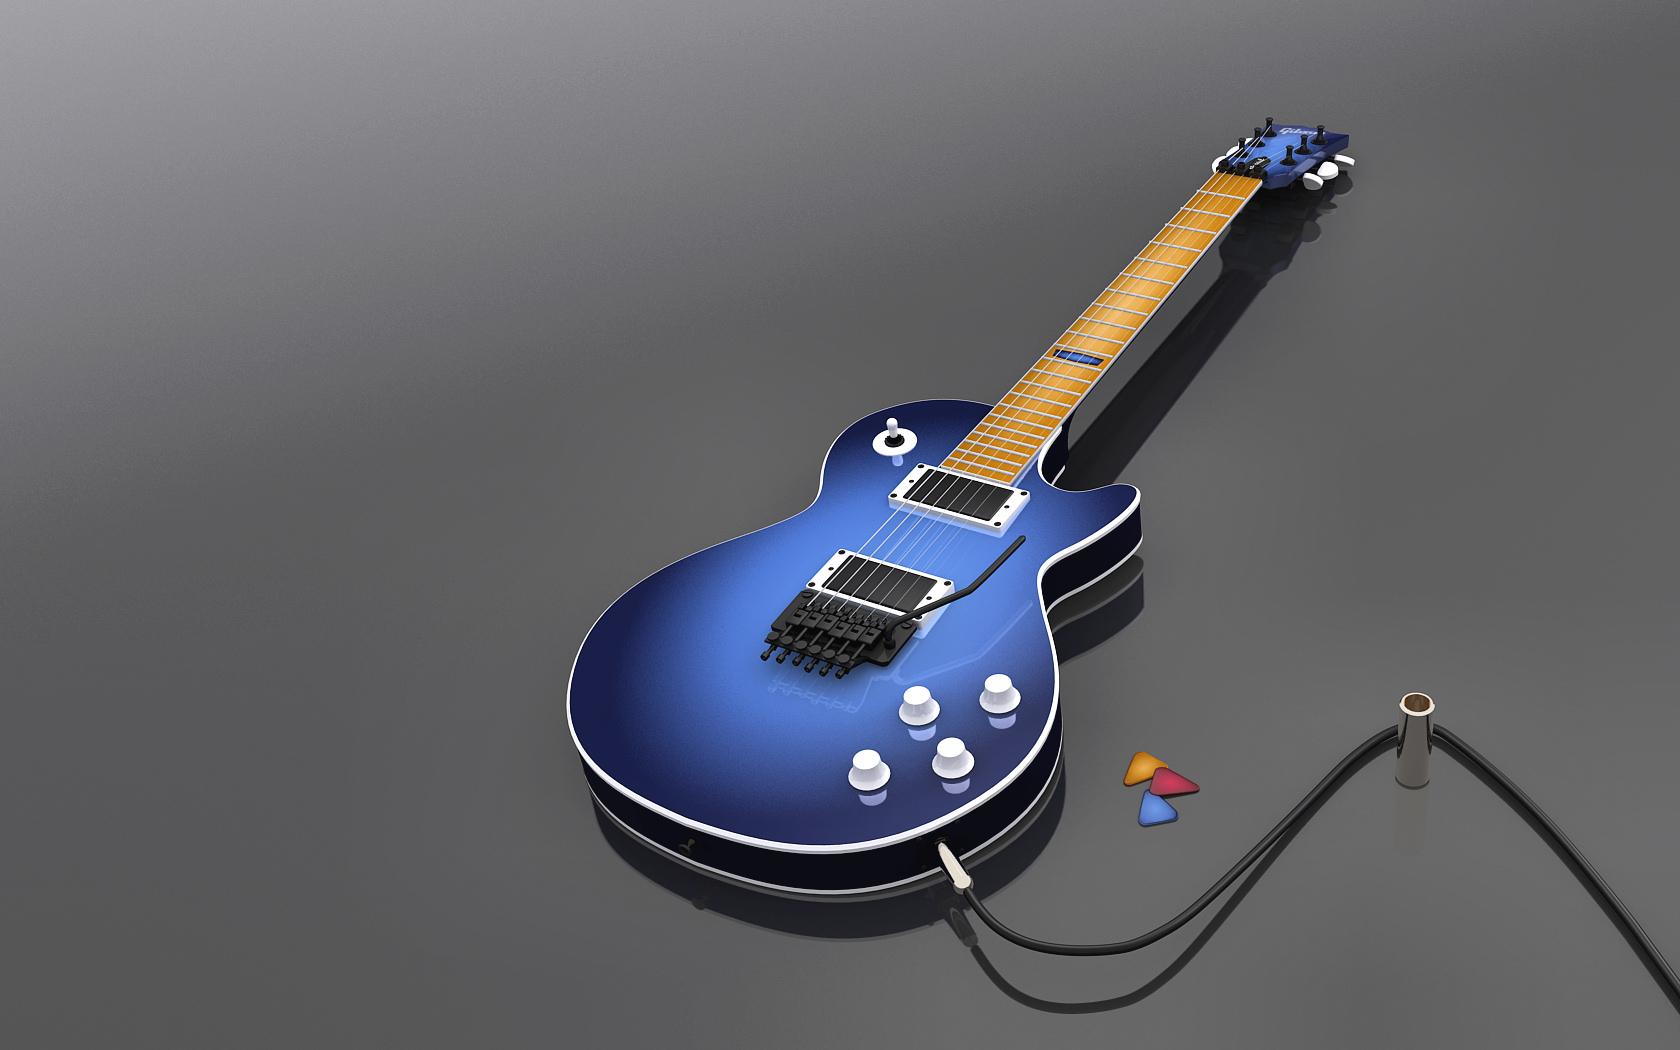 Vintage sic azul gibson sg